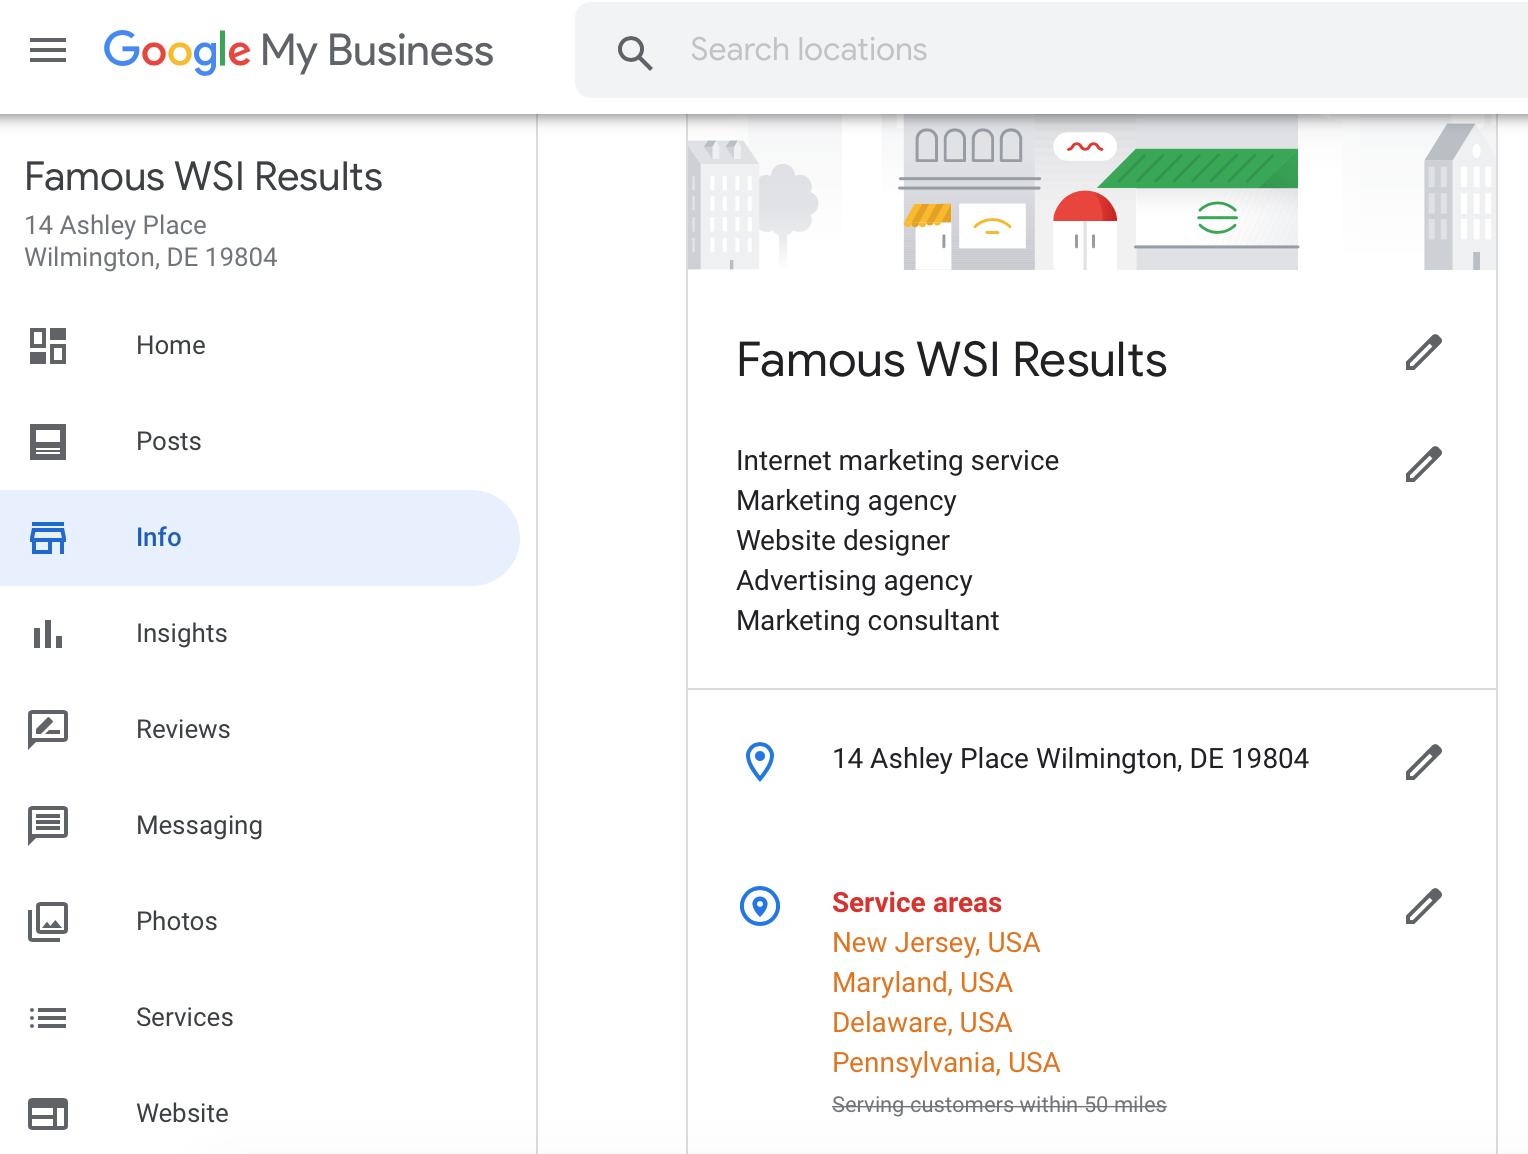 Google My Business service area